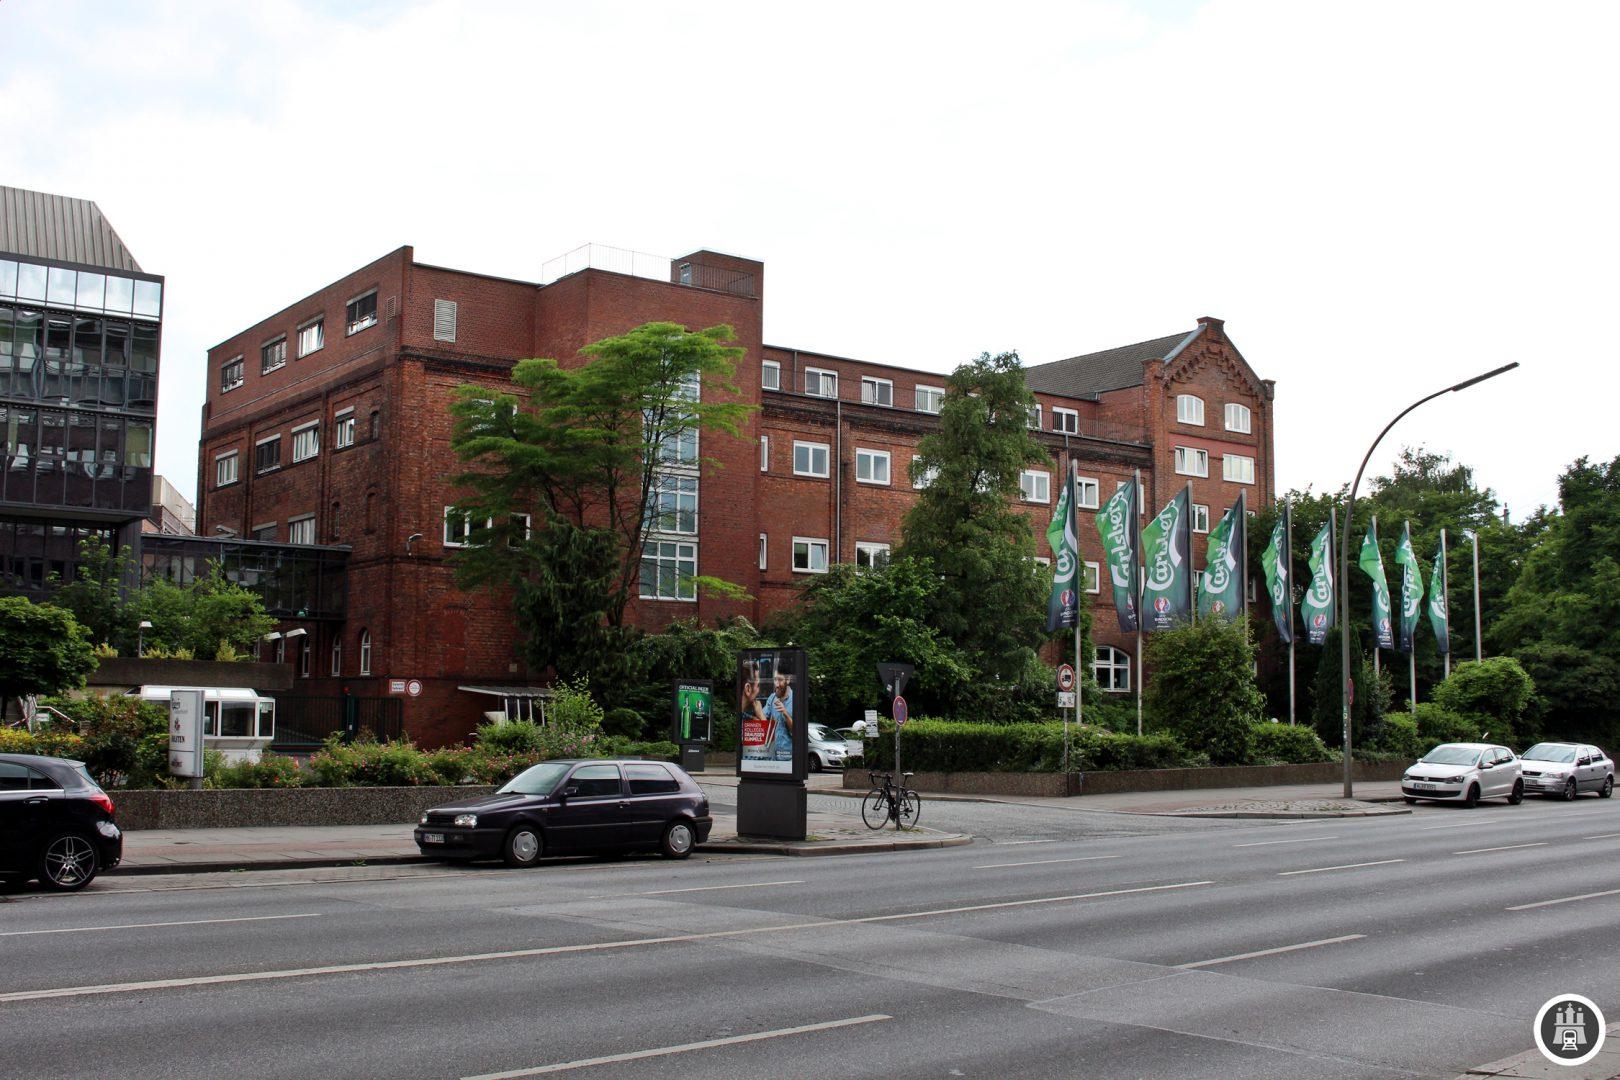 Die Holsten-Brauerei wurde 1879 gegründet und hat ihren Standort an der Holstenstraße. Es wurde jedoch nicht die Straße nach der Brauerei benannt, sondern eine Straße nach Holsten (Holstein) beschrieben. Holsten gehört zu Carlsberg und produziert unter anderem die insbesondere bei Fußballfans beliebten Marken Holsten (HSV) und Astra (St. Pauli).